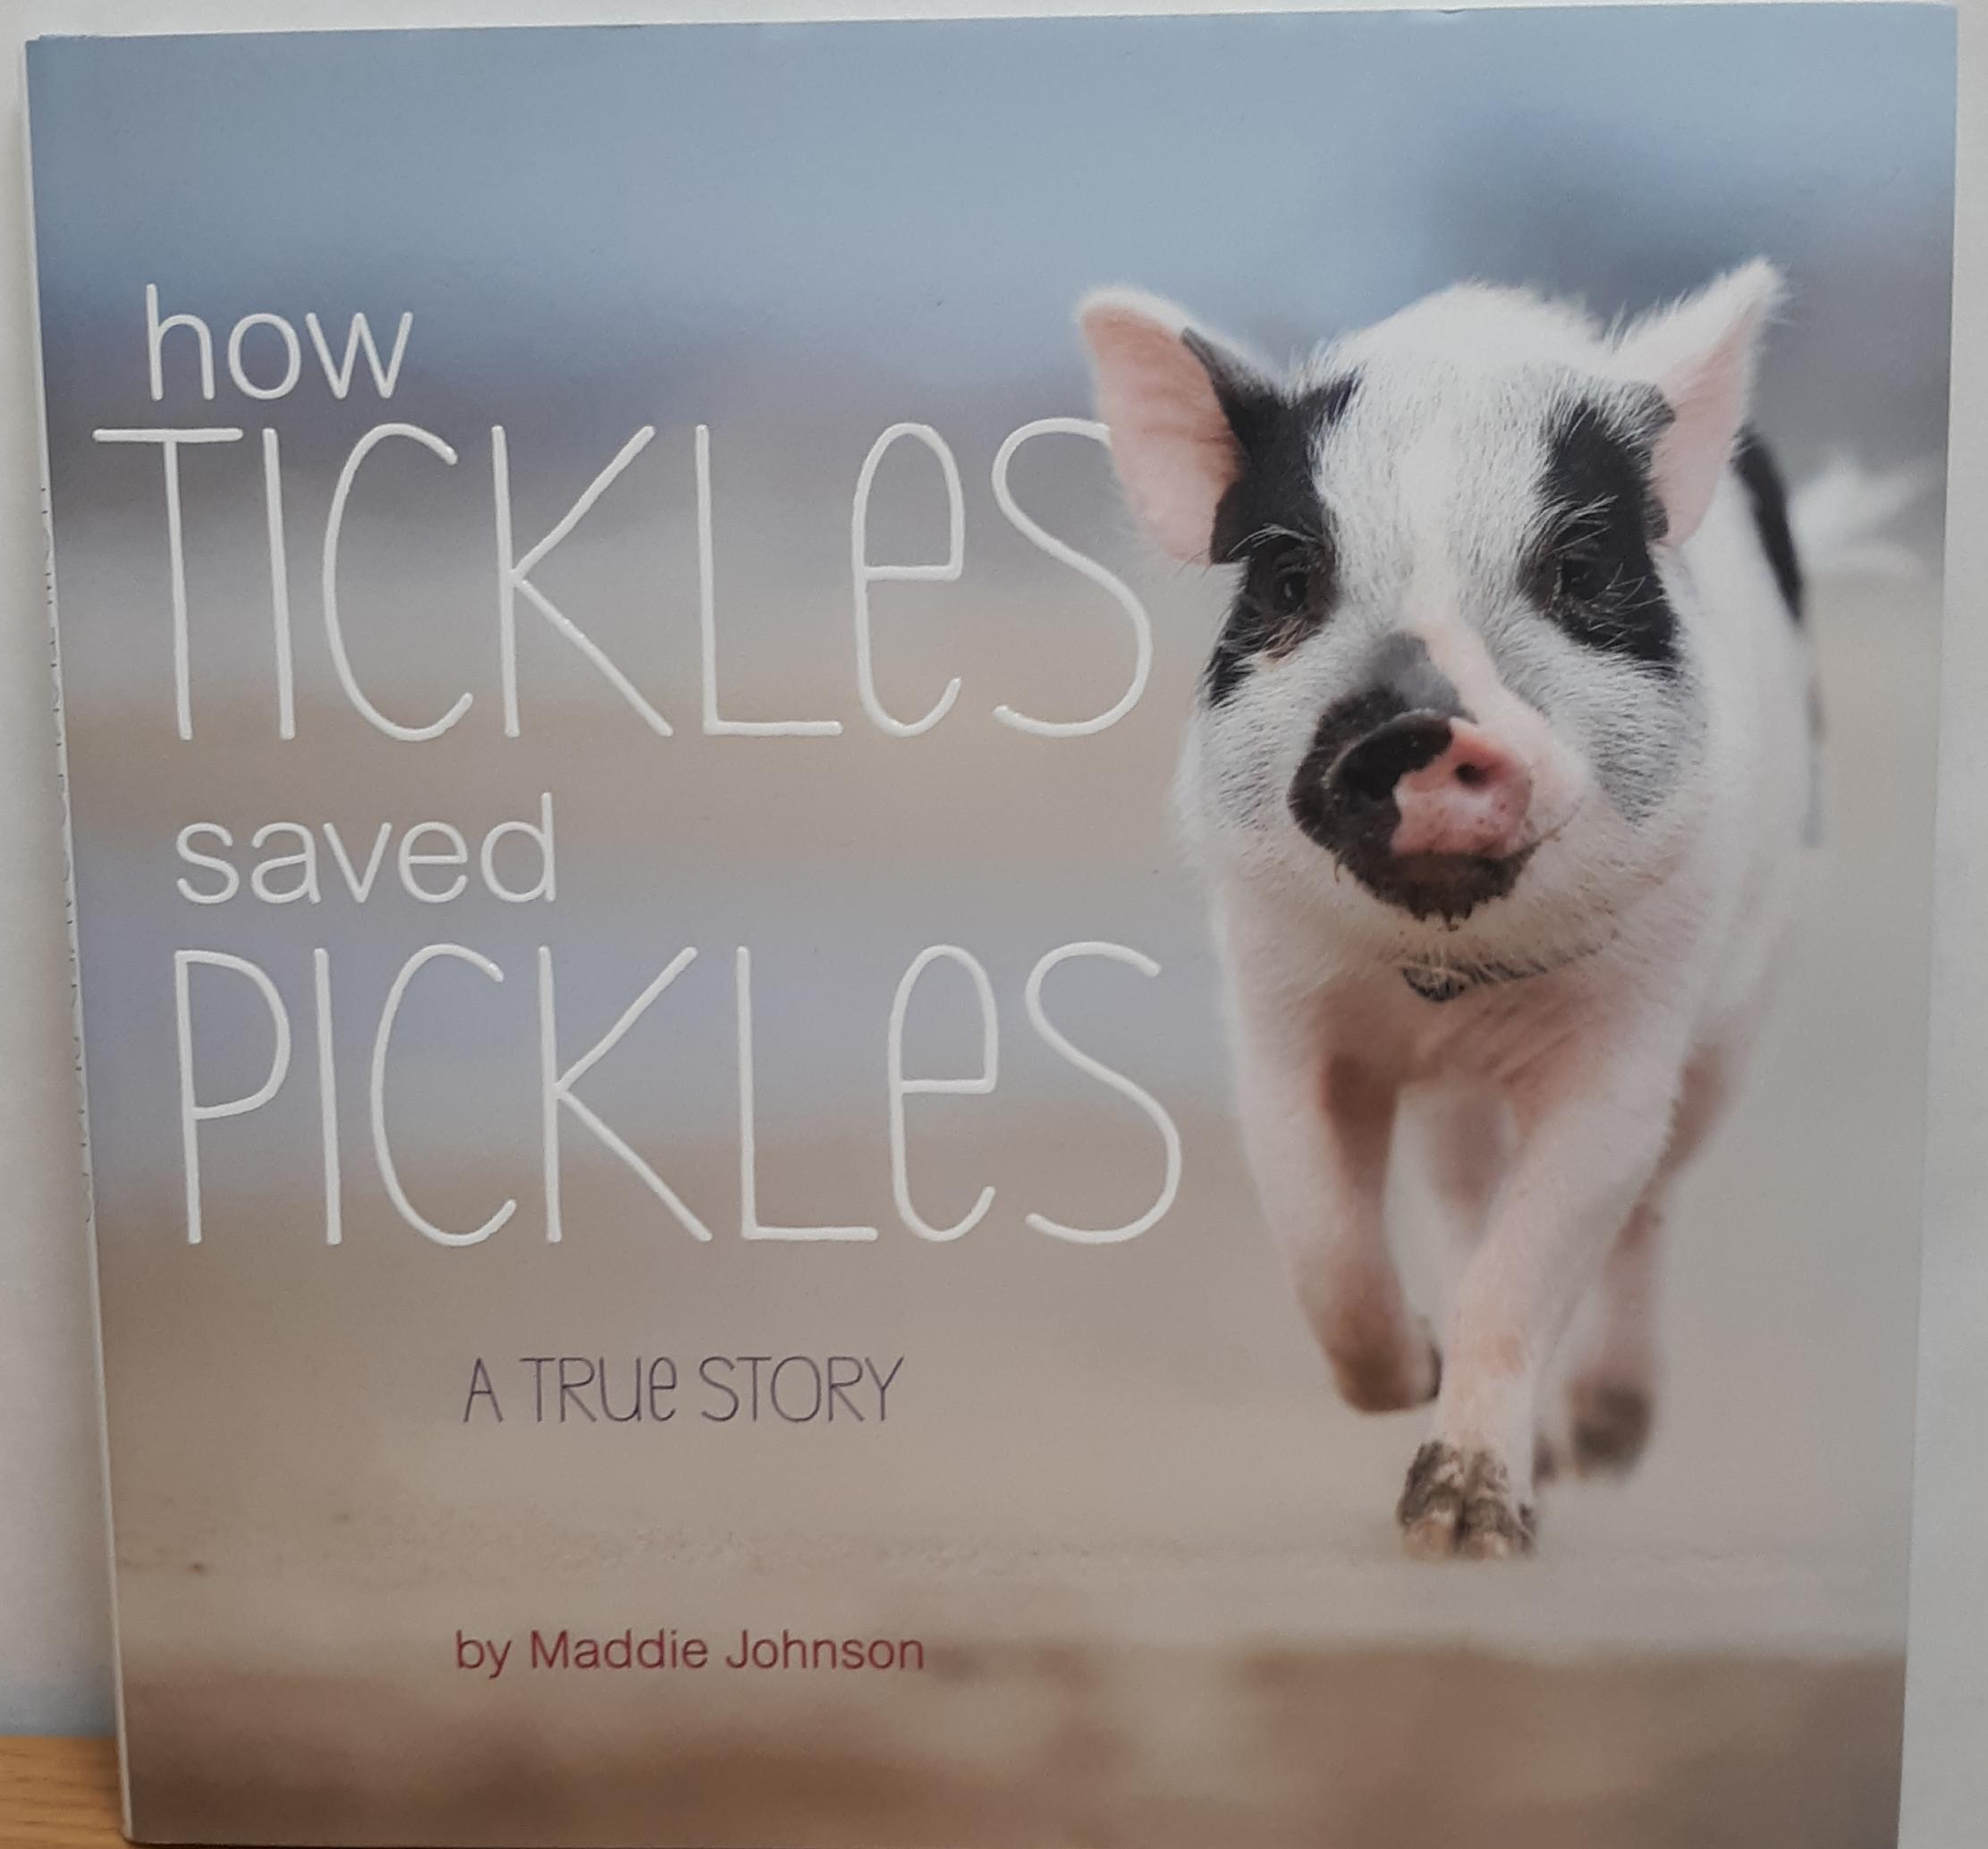 https://0201.nccdn.net/4_2/000/000/07d/95b/how-tickles-saved-pickles.png